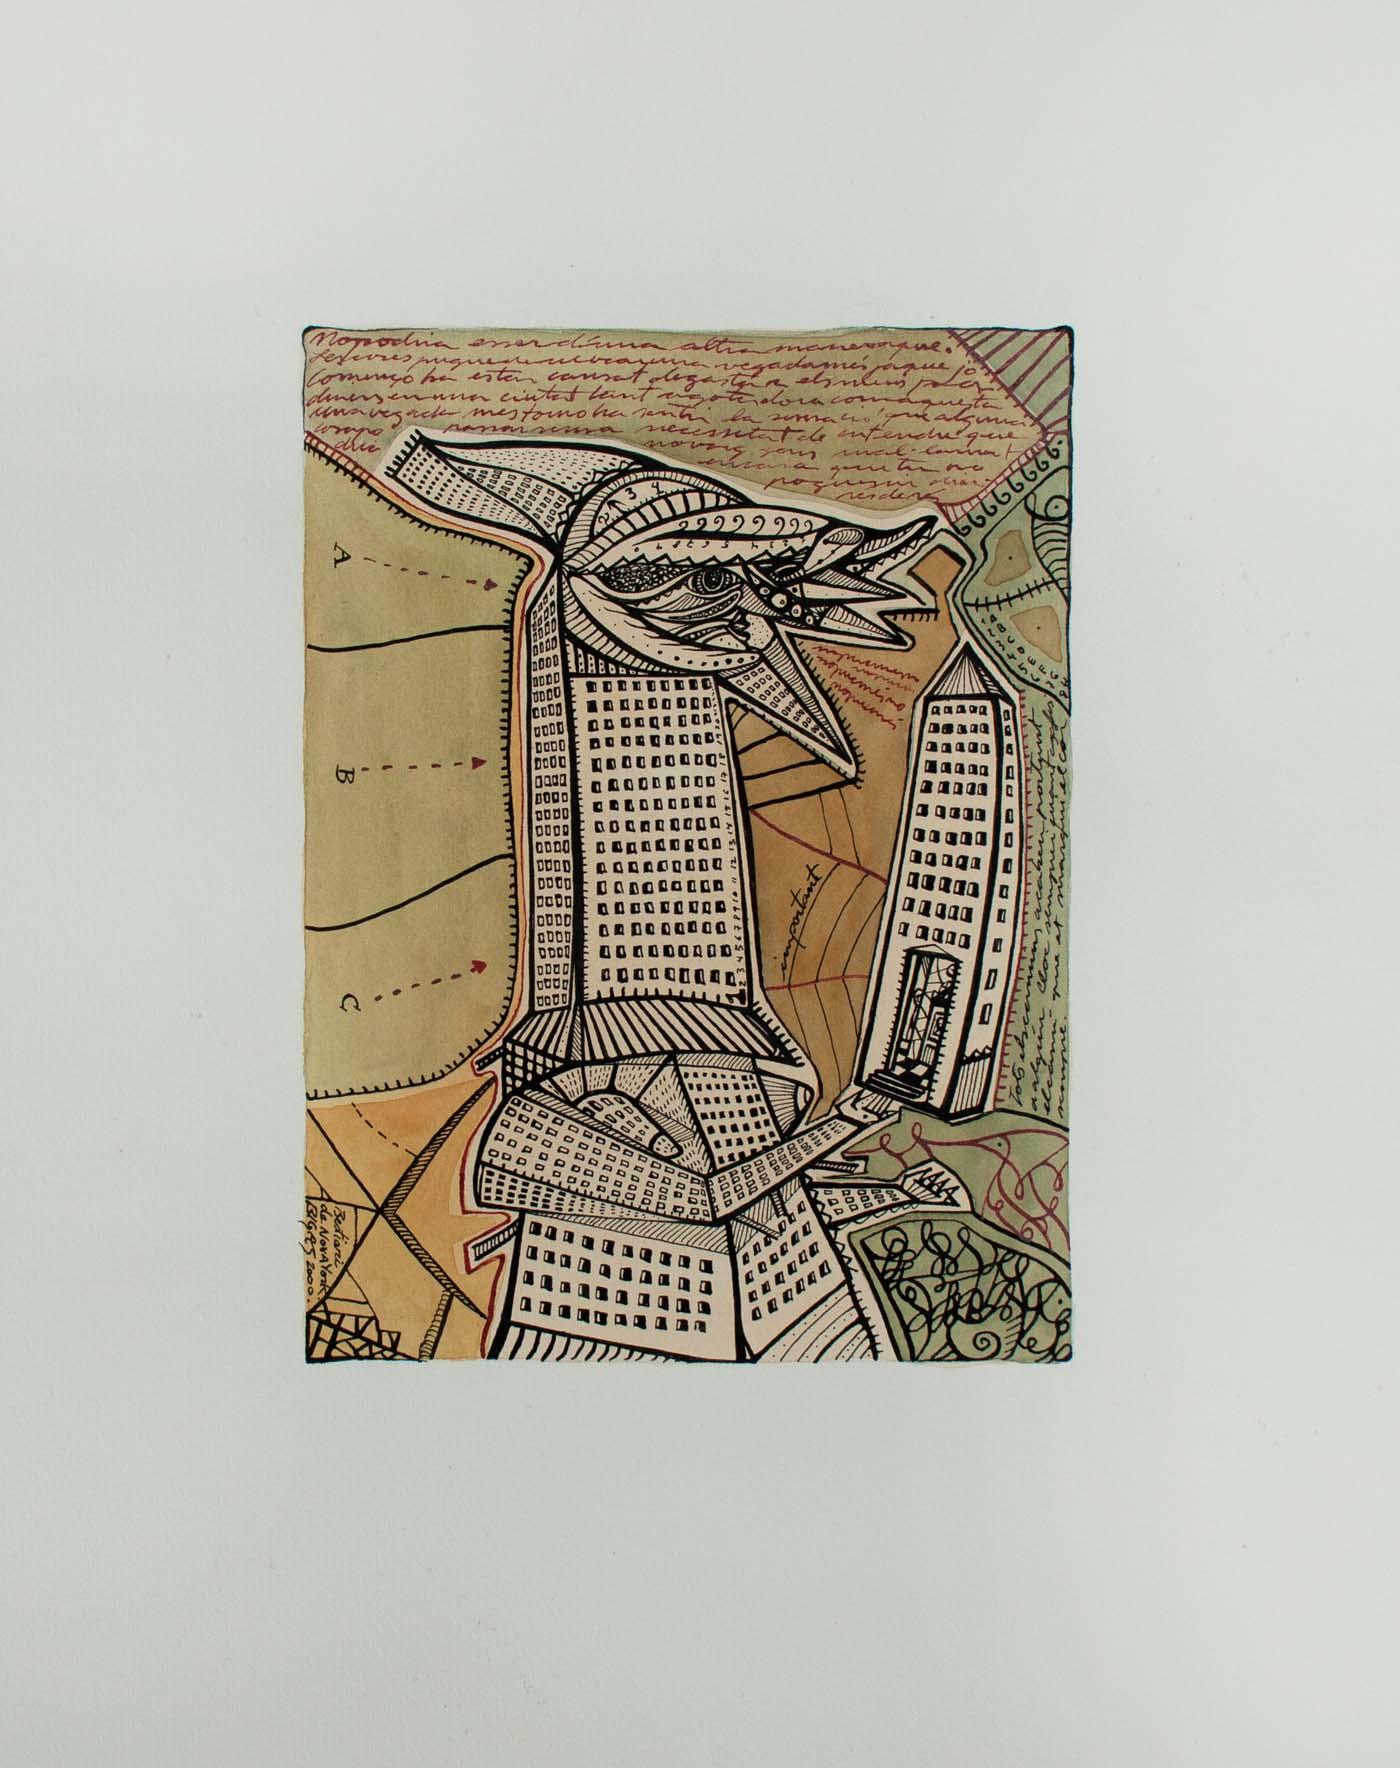 N. Y. Bestiarium, Metropolis. 2000